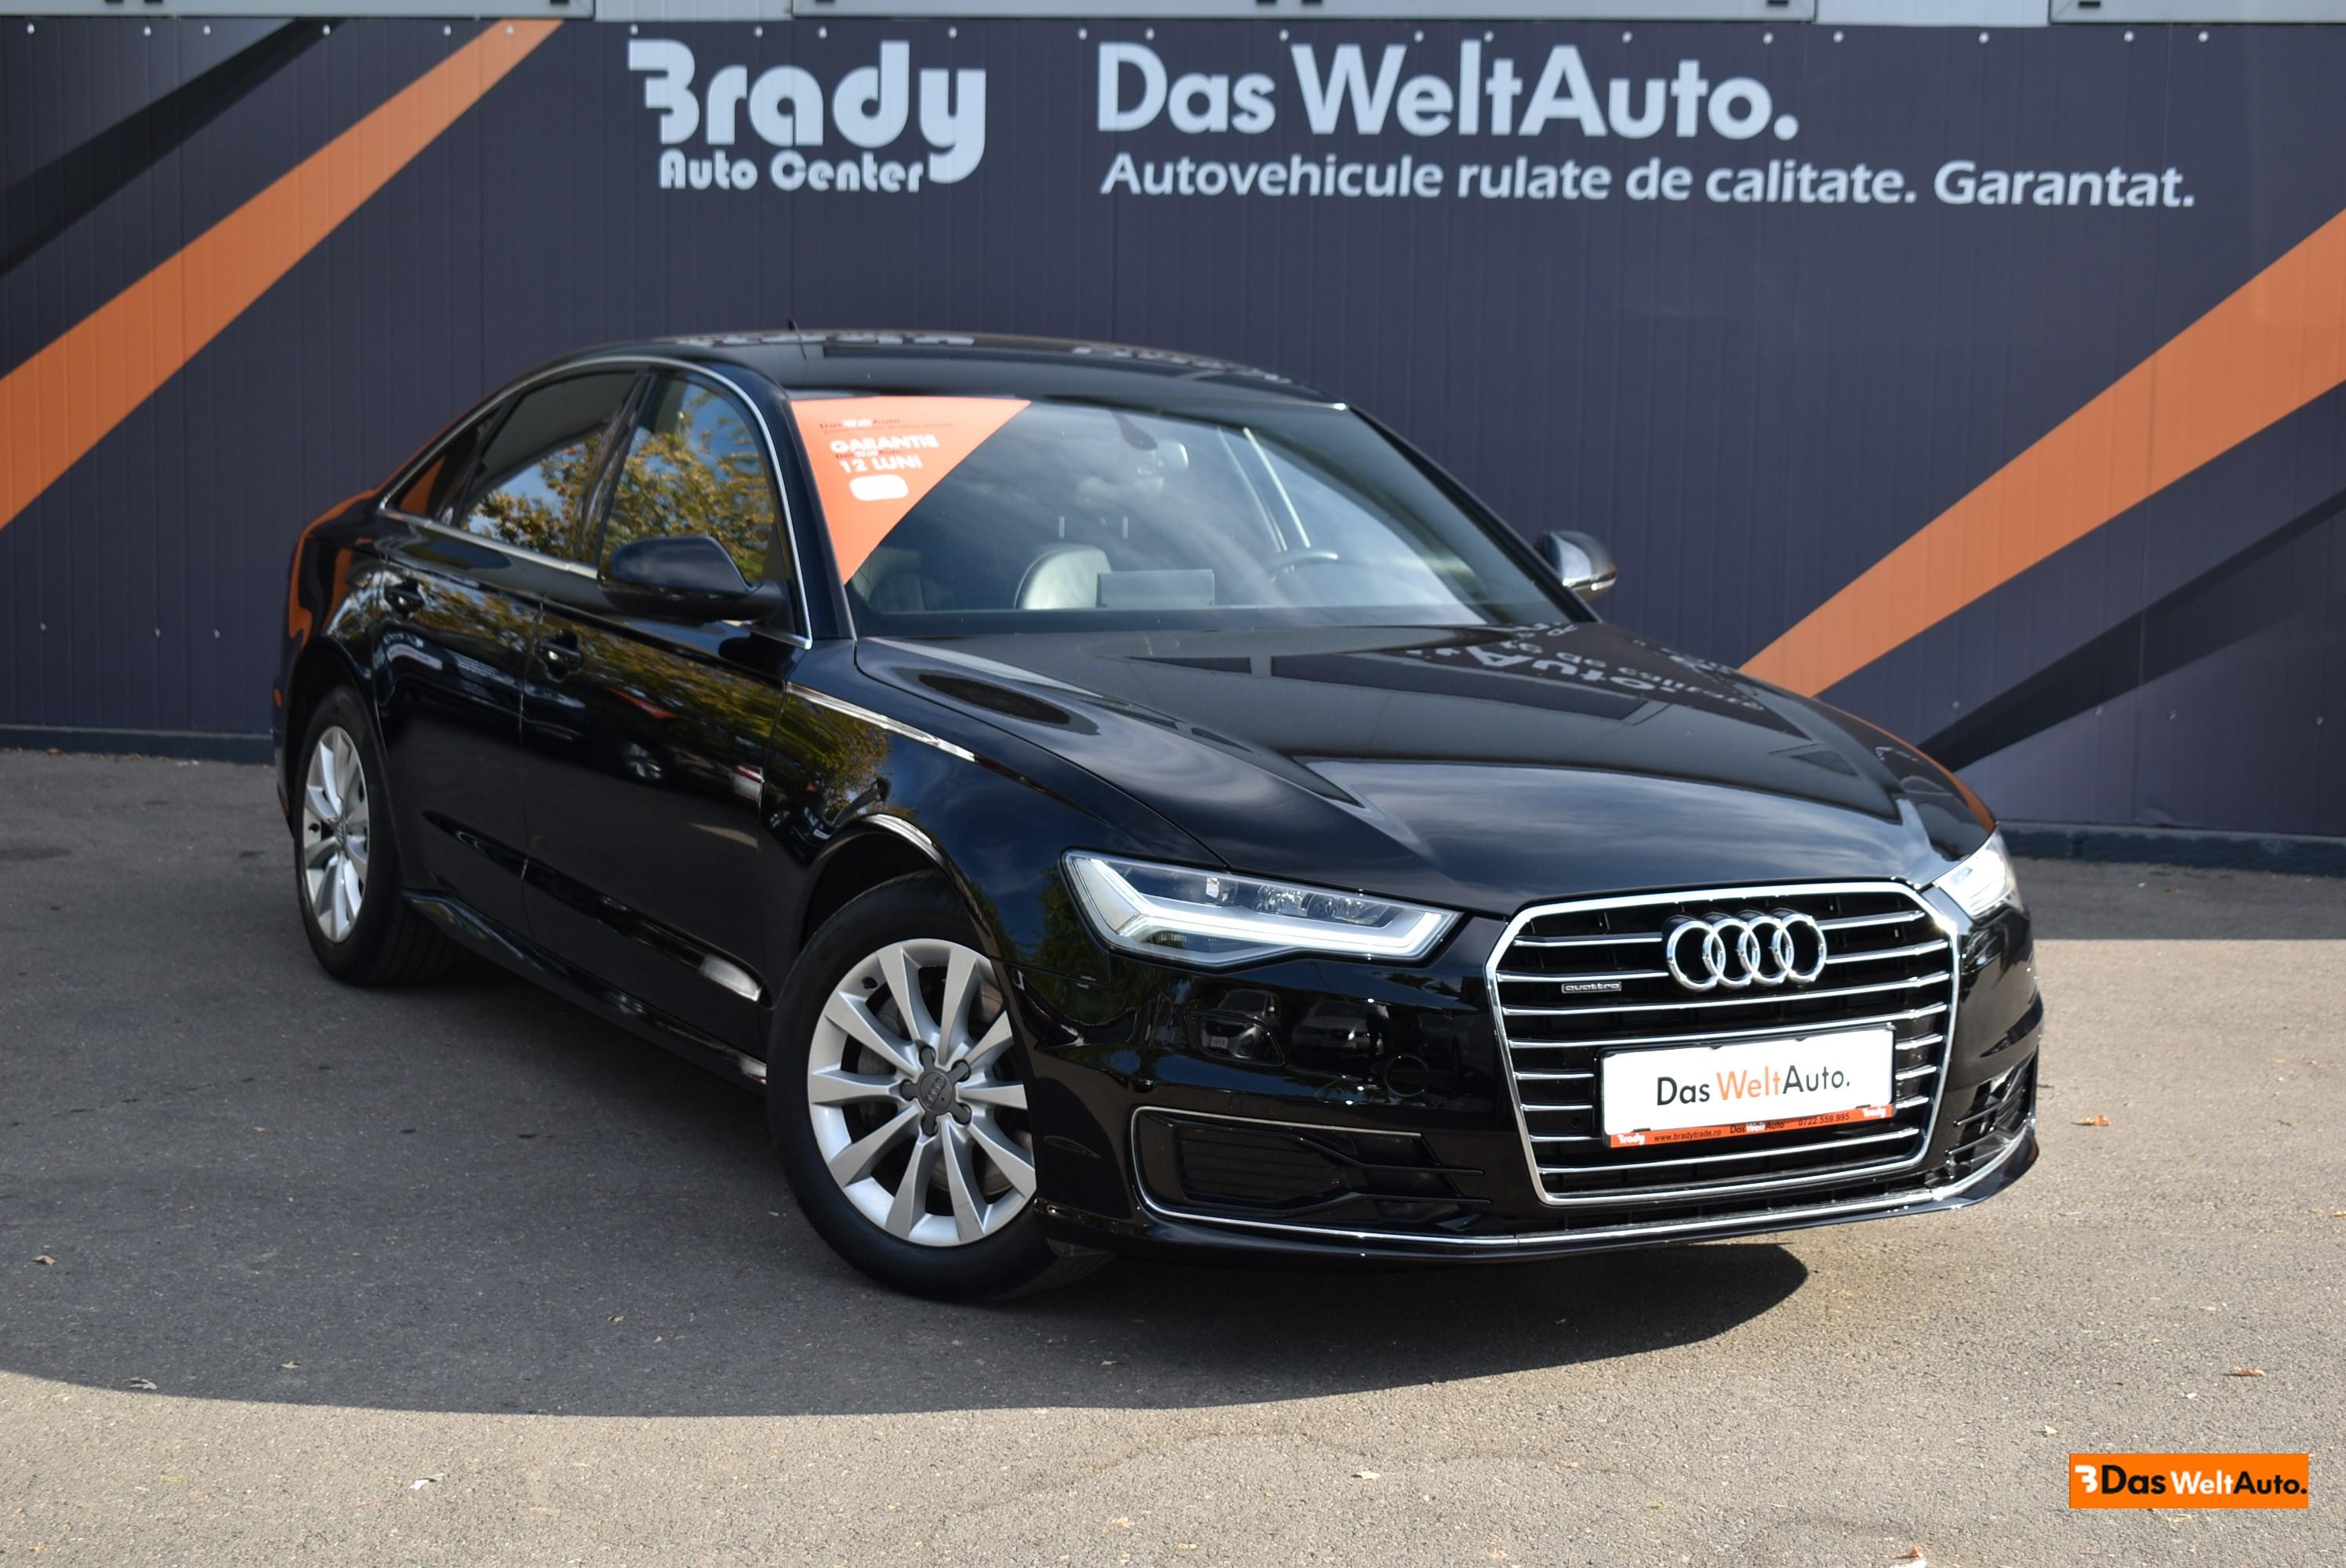 Audi A6 3.0TDI/204CP